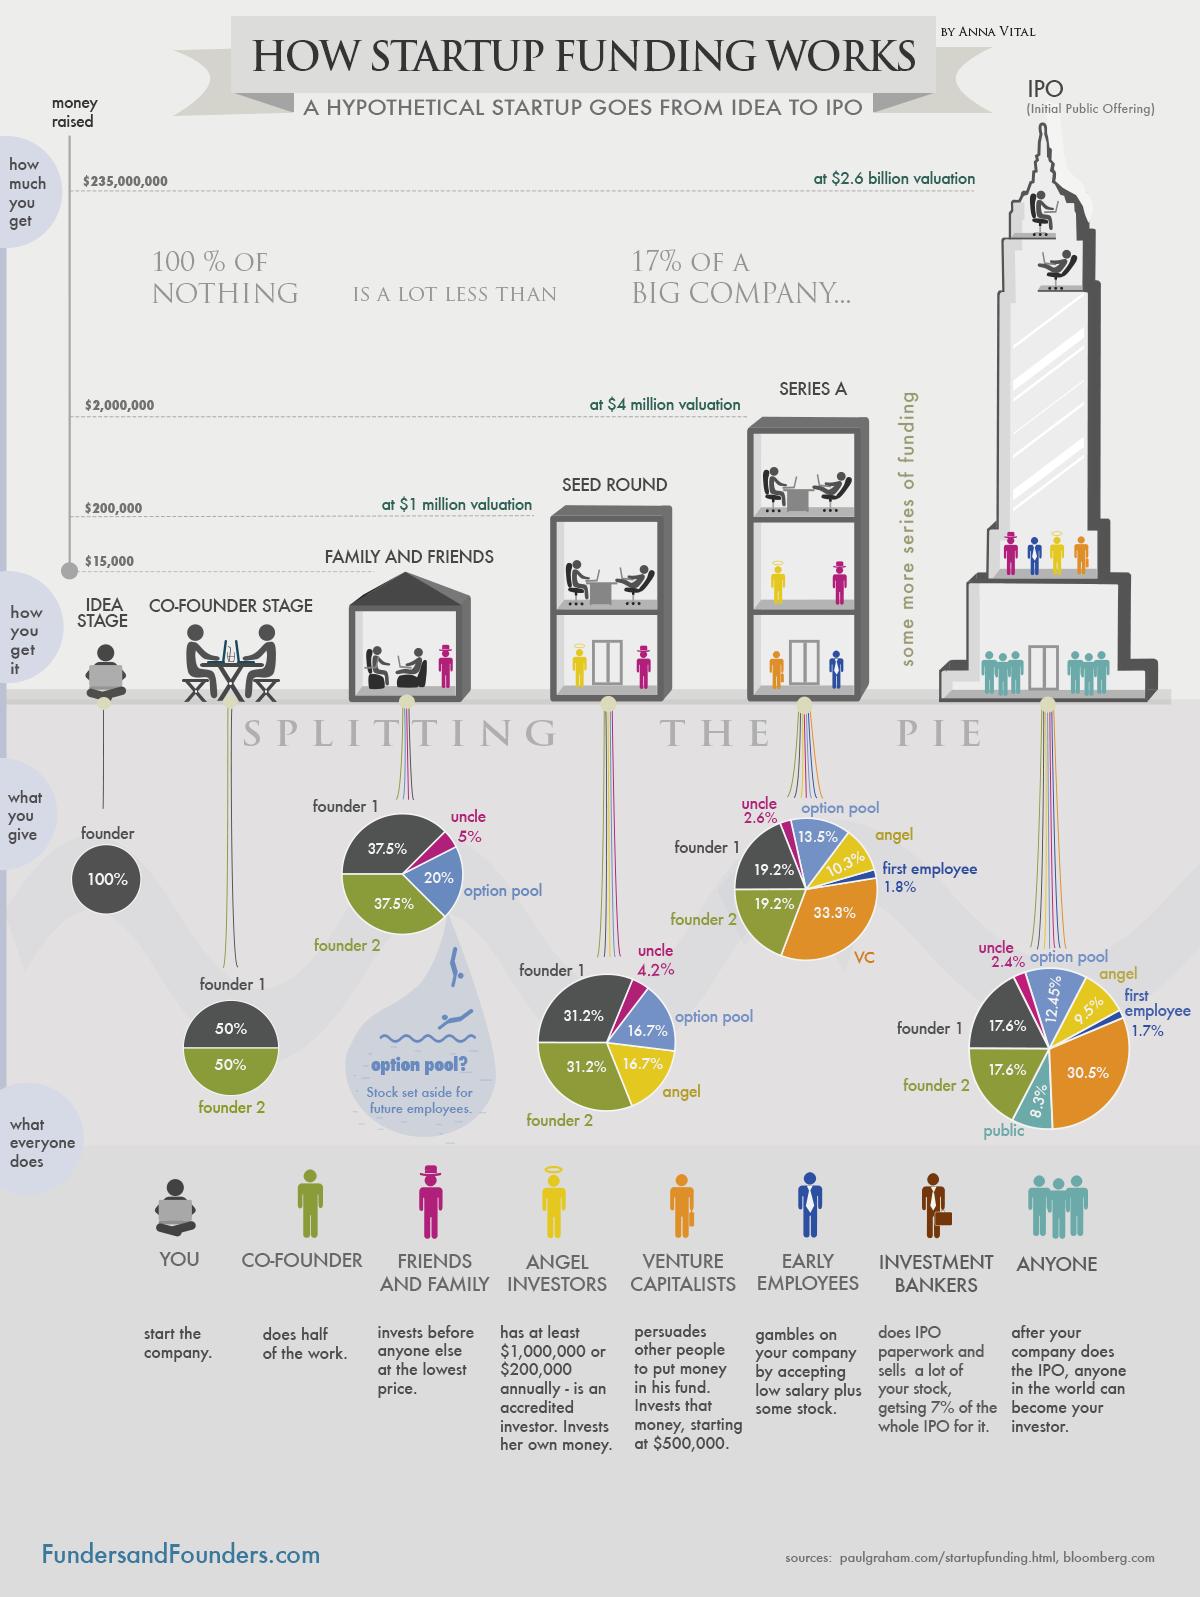 kako raste startup kompanija